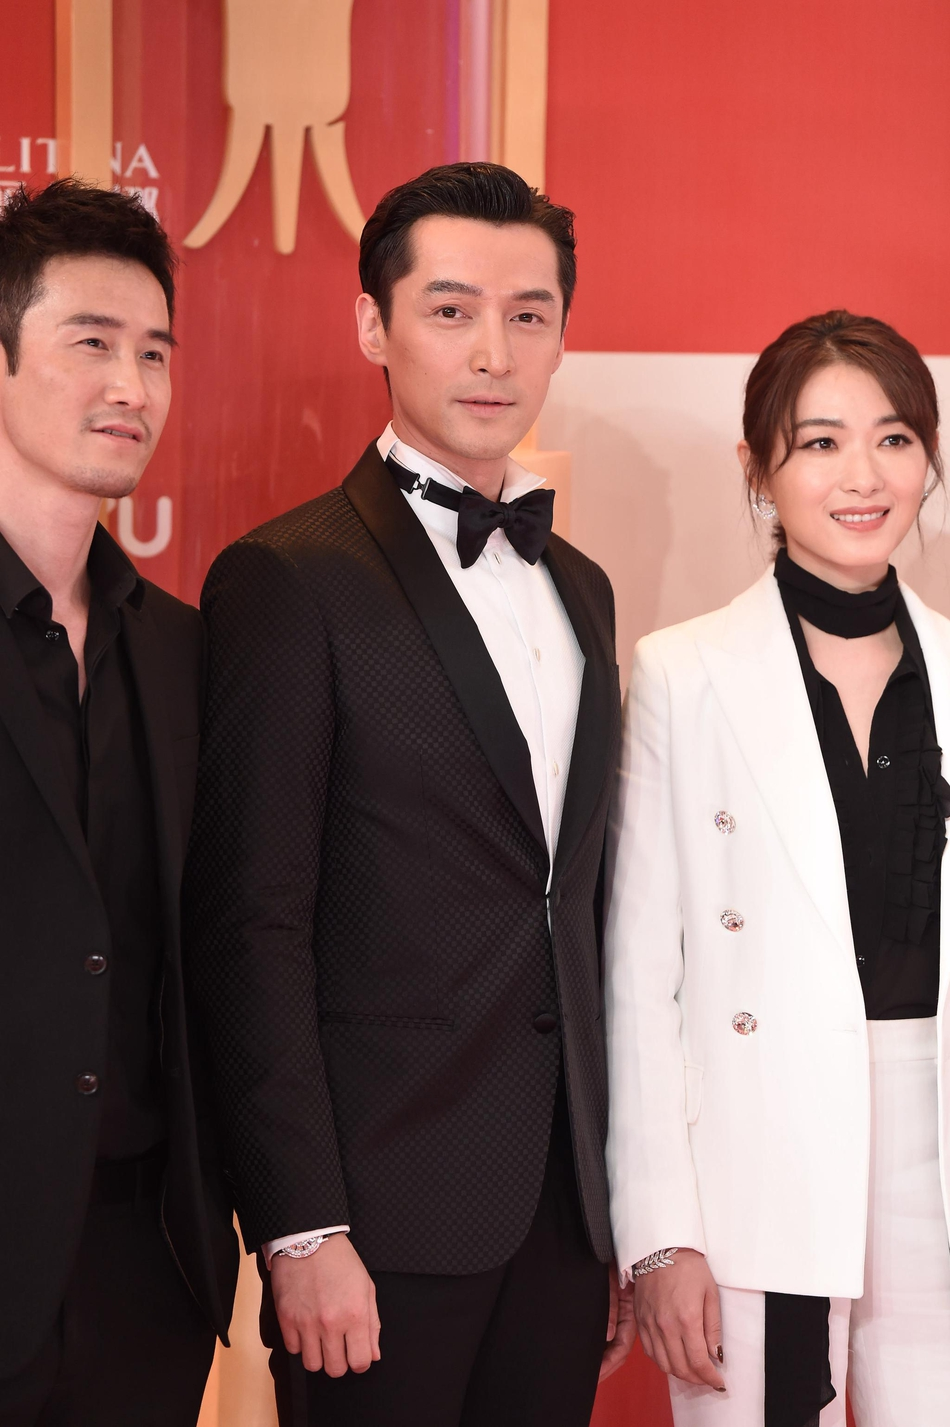 Dàn mỹ nhân Hoa ngữ đọ sắc trên thảm đỏ Liên hoan phim Thượng Hải 2019 - Ảnh 13